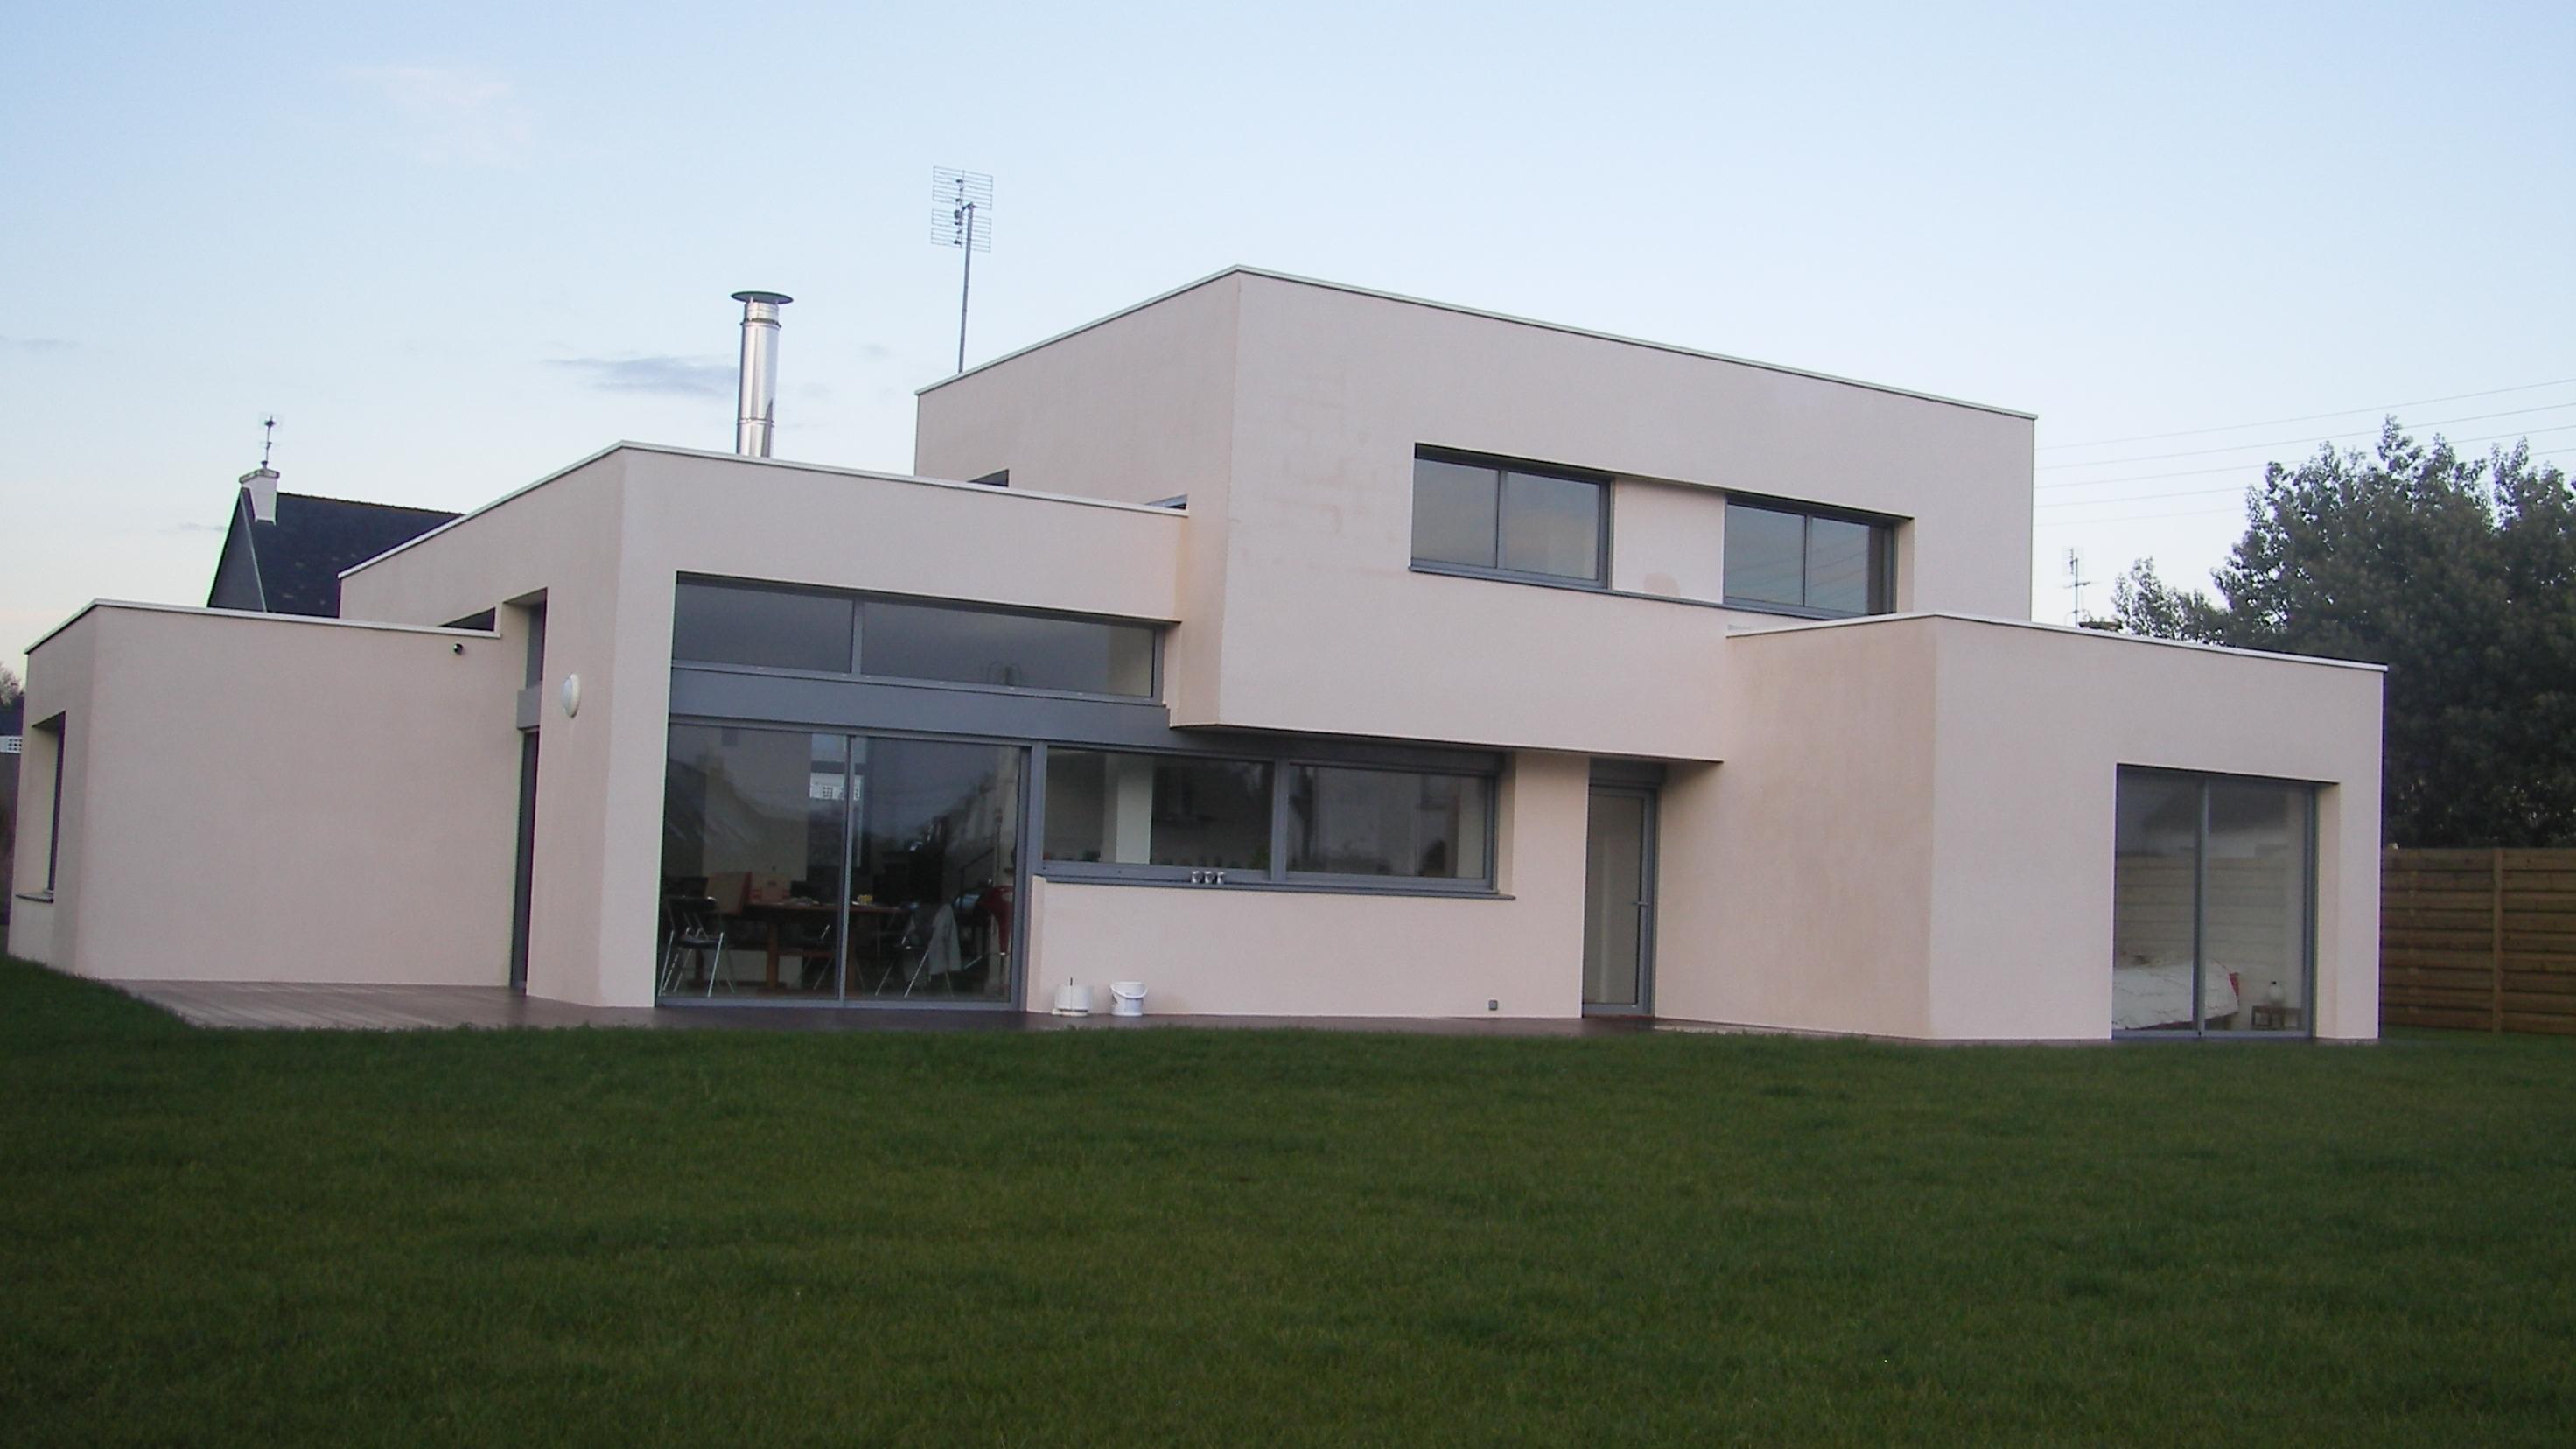 maison ch atelier du pich ry architectes quimper. Black Bedroom Furniture Sets. Home Design Ideas